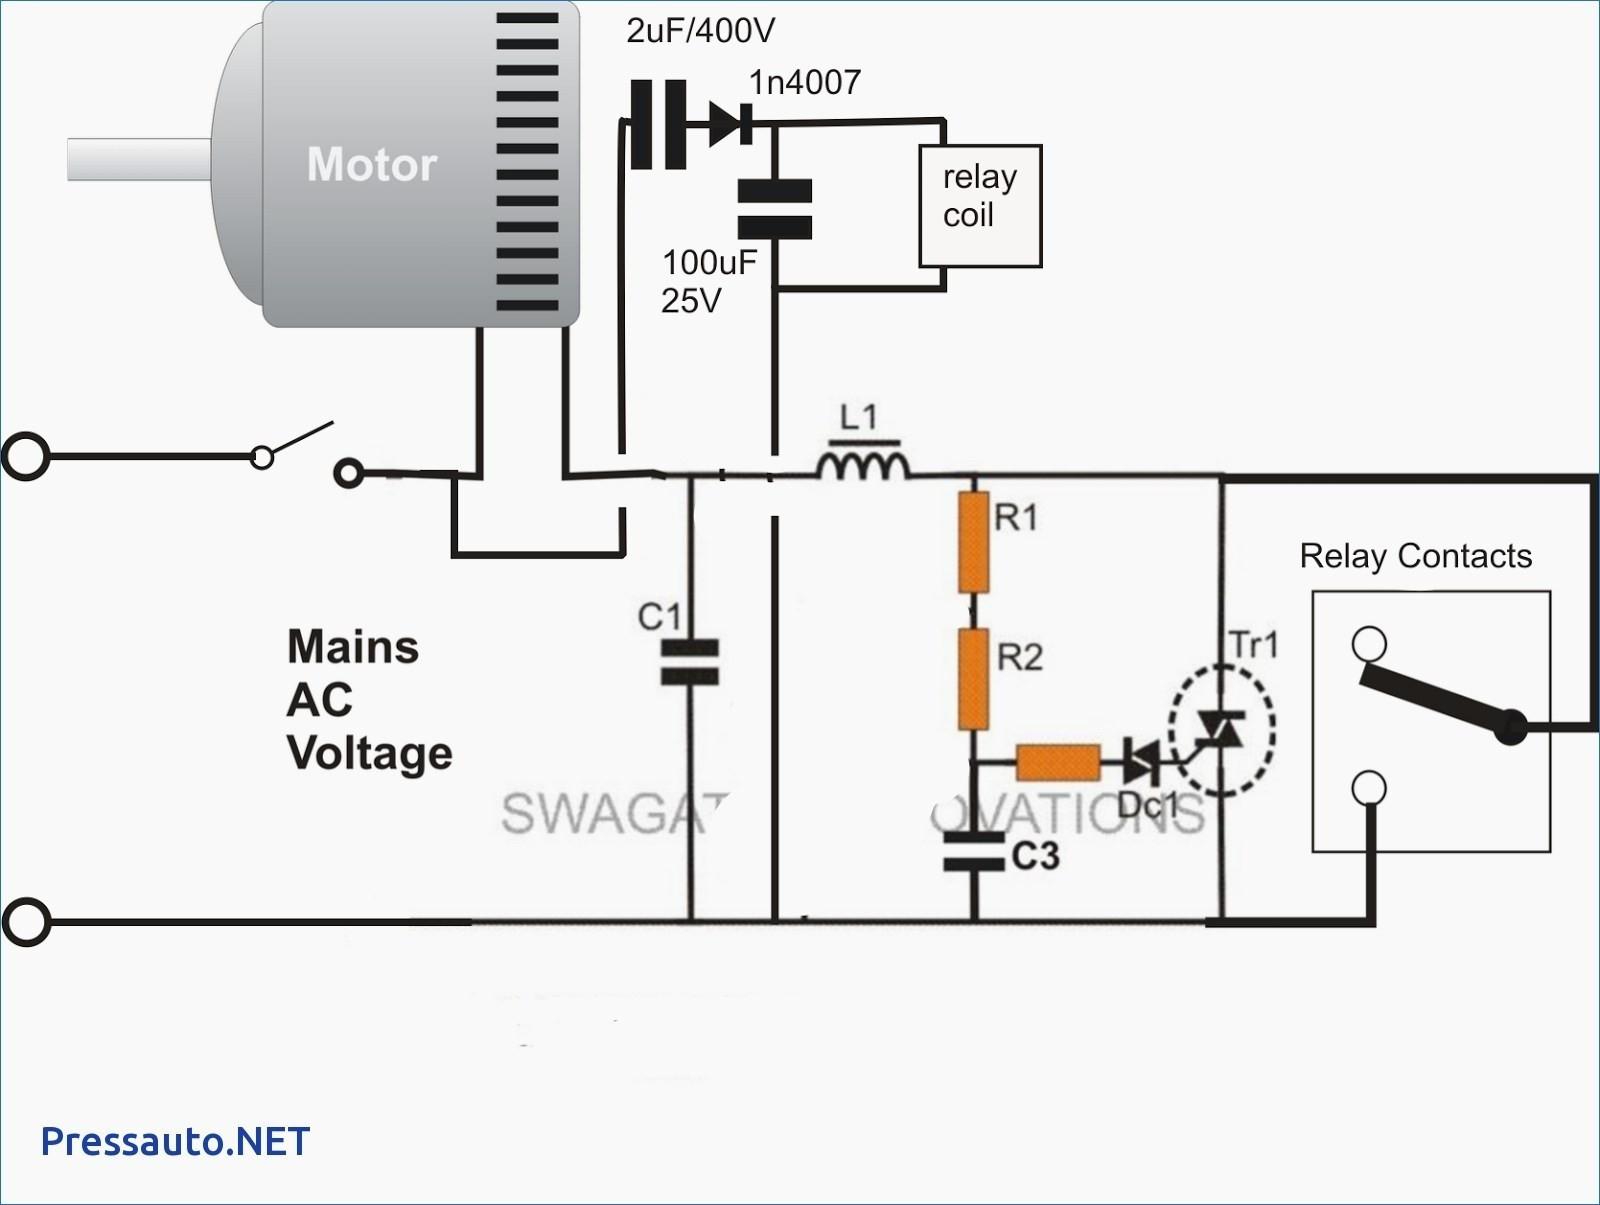 Wiring Schematic Motor Starter | Wiring Diagram on